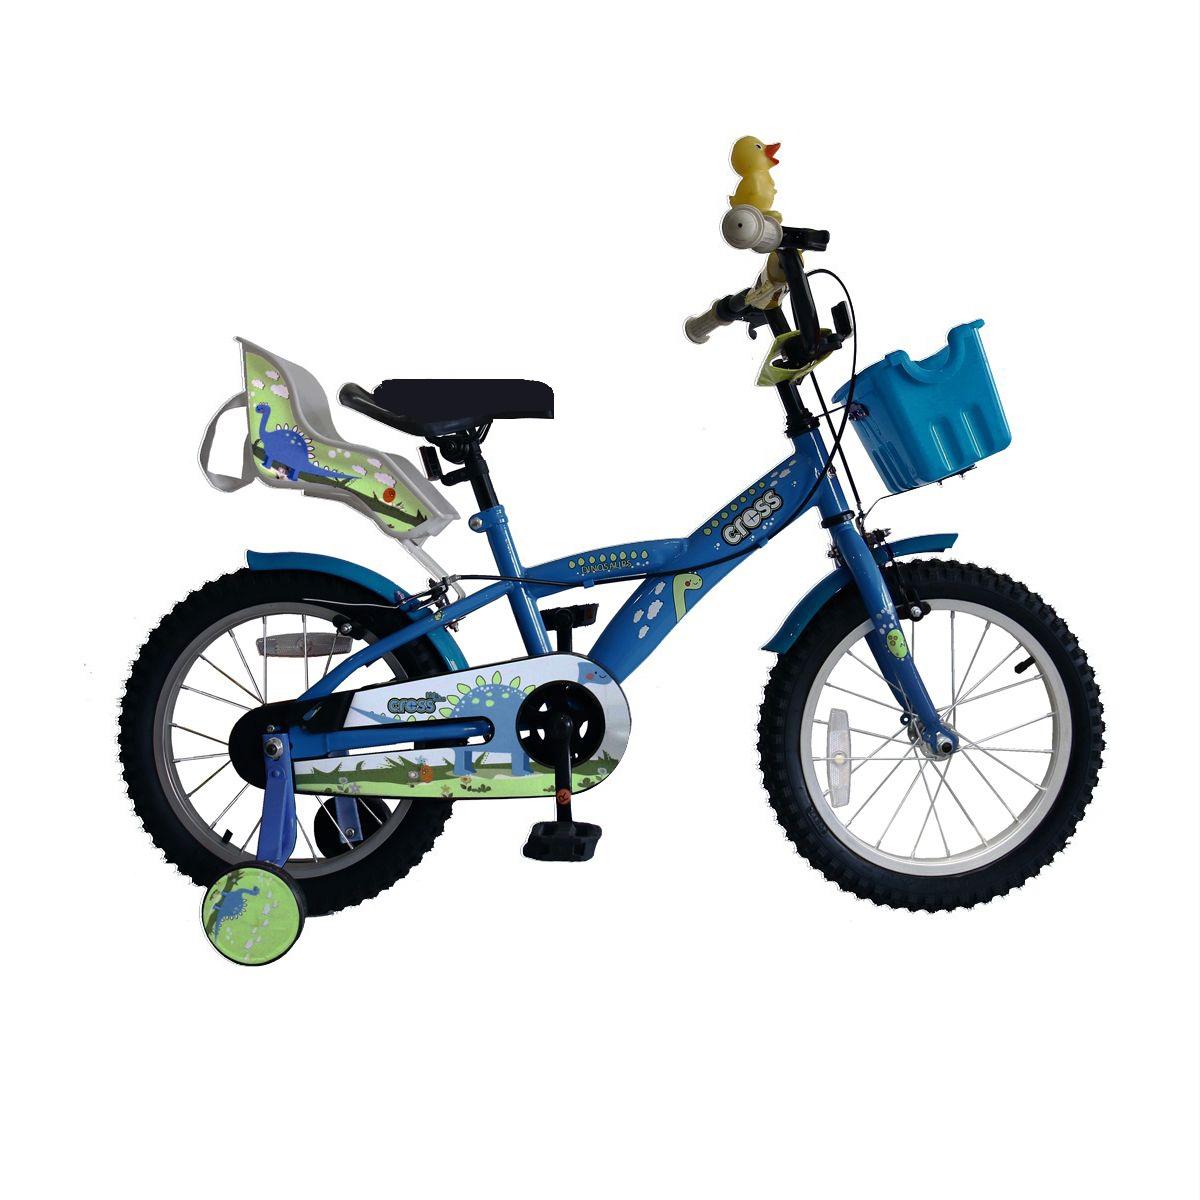 دوچرخه شهری کراس مدل DINOSAUR سایز 16